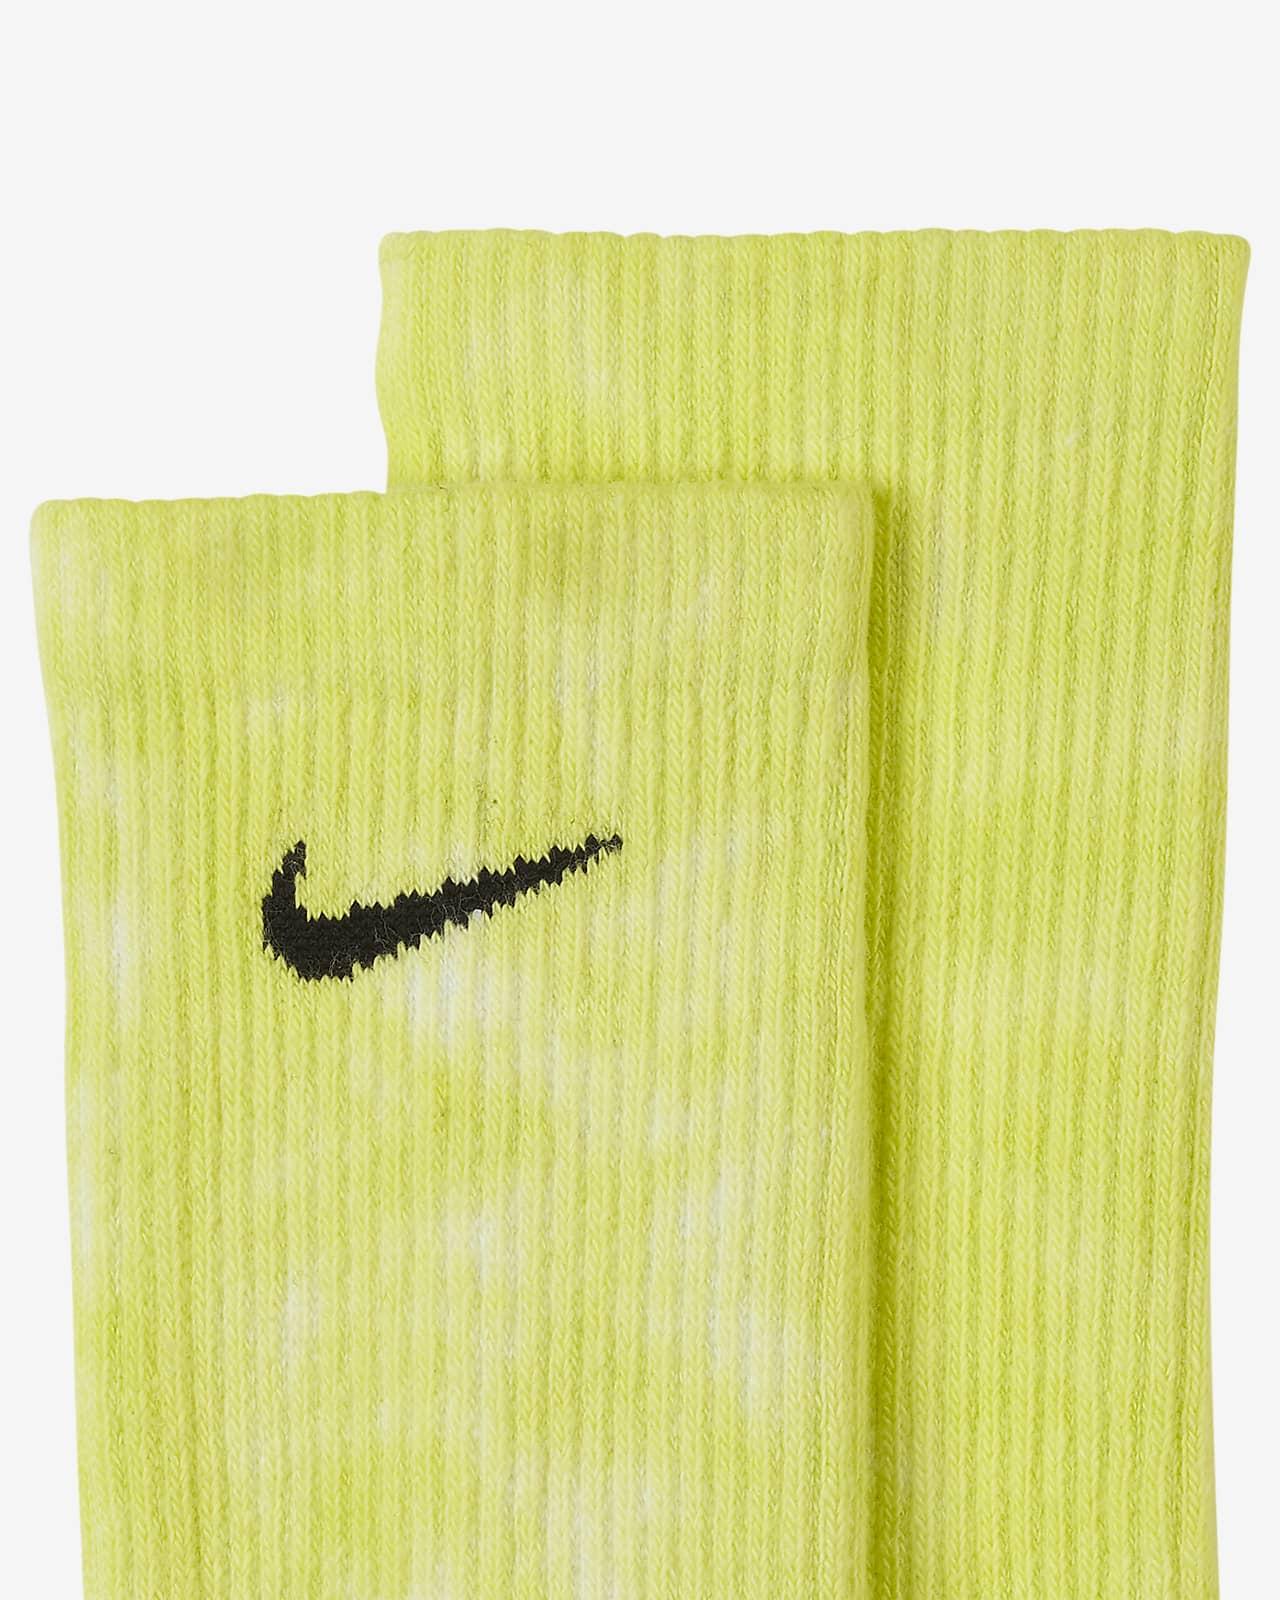 No Slip Calcetines De F/útbol con El Hospital Apretones Diab/ético Calcetines Antideslizantes Calcetines del Deslizador para Adultos Hombres Mujeres Mayores